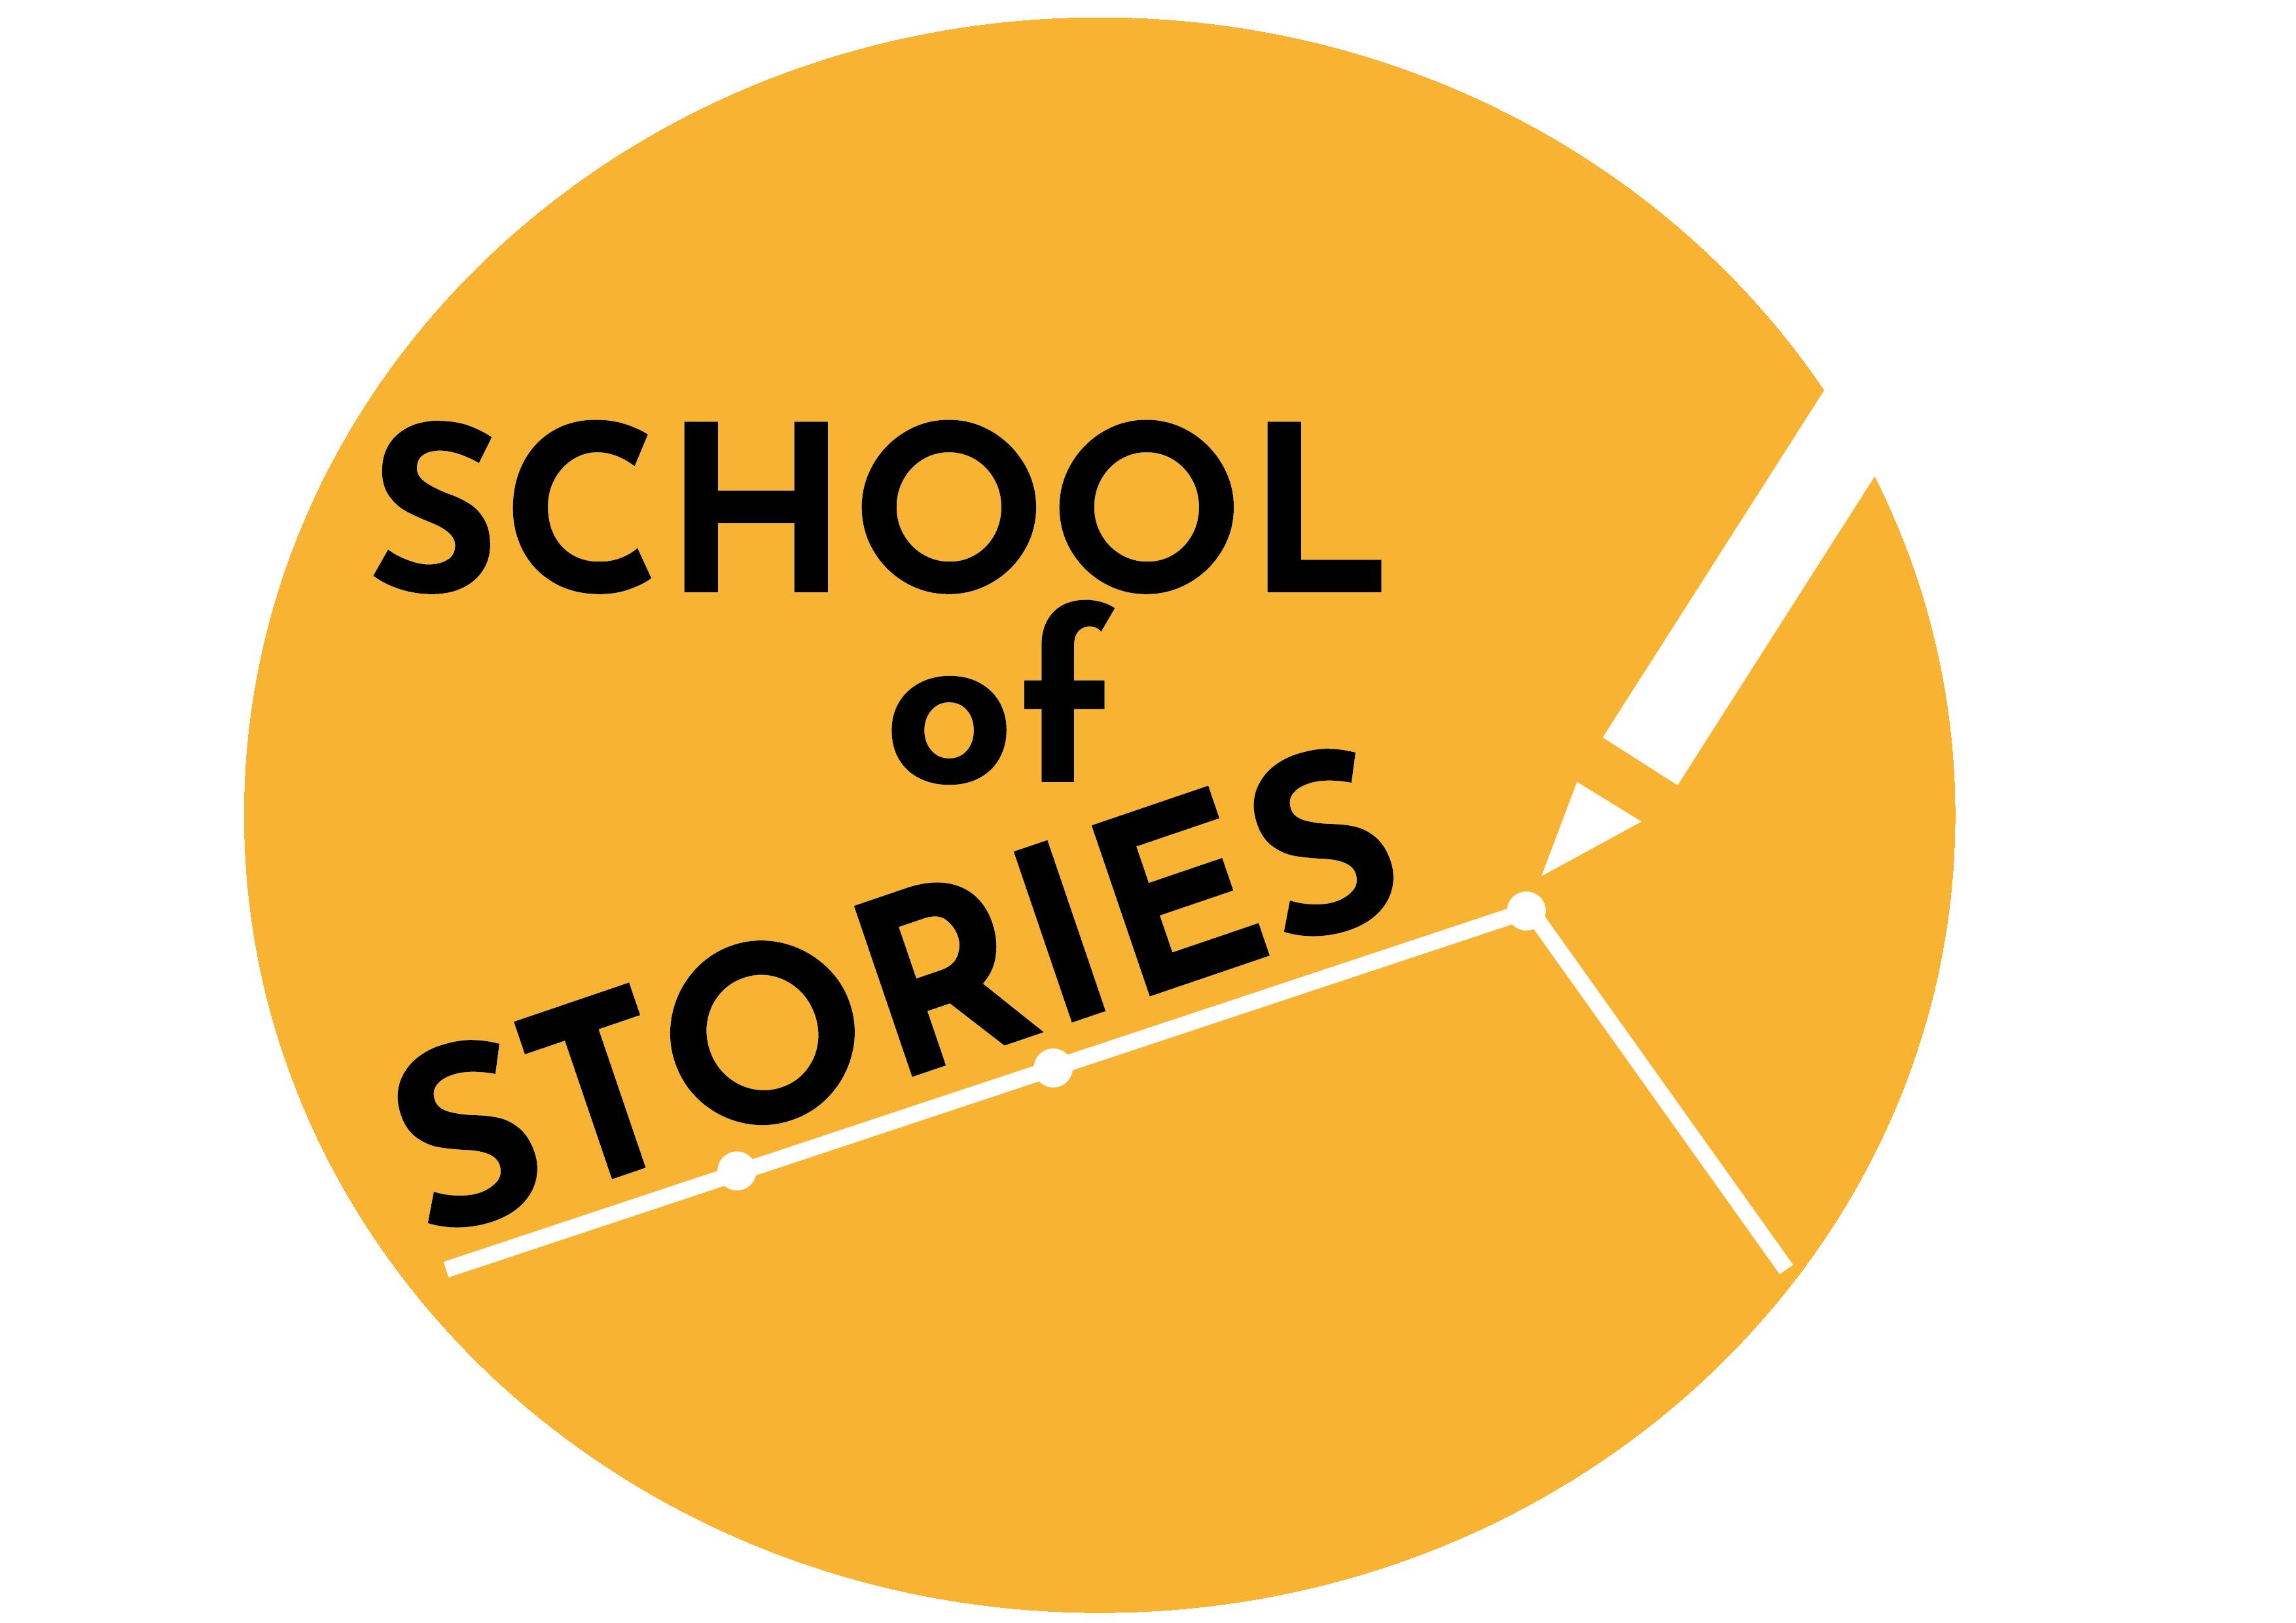 School of Stories